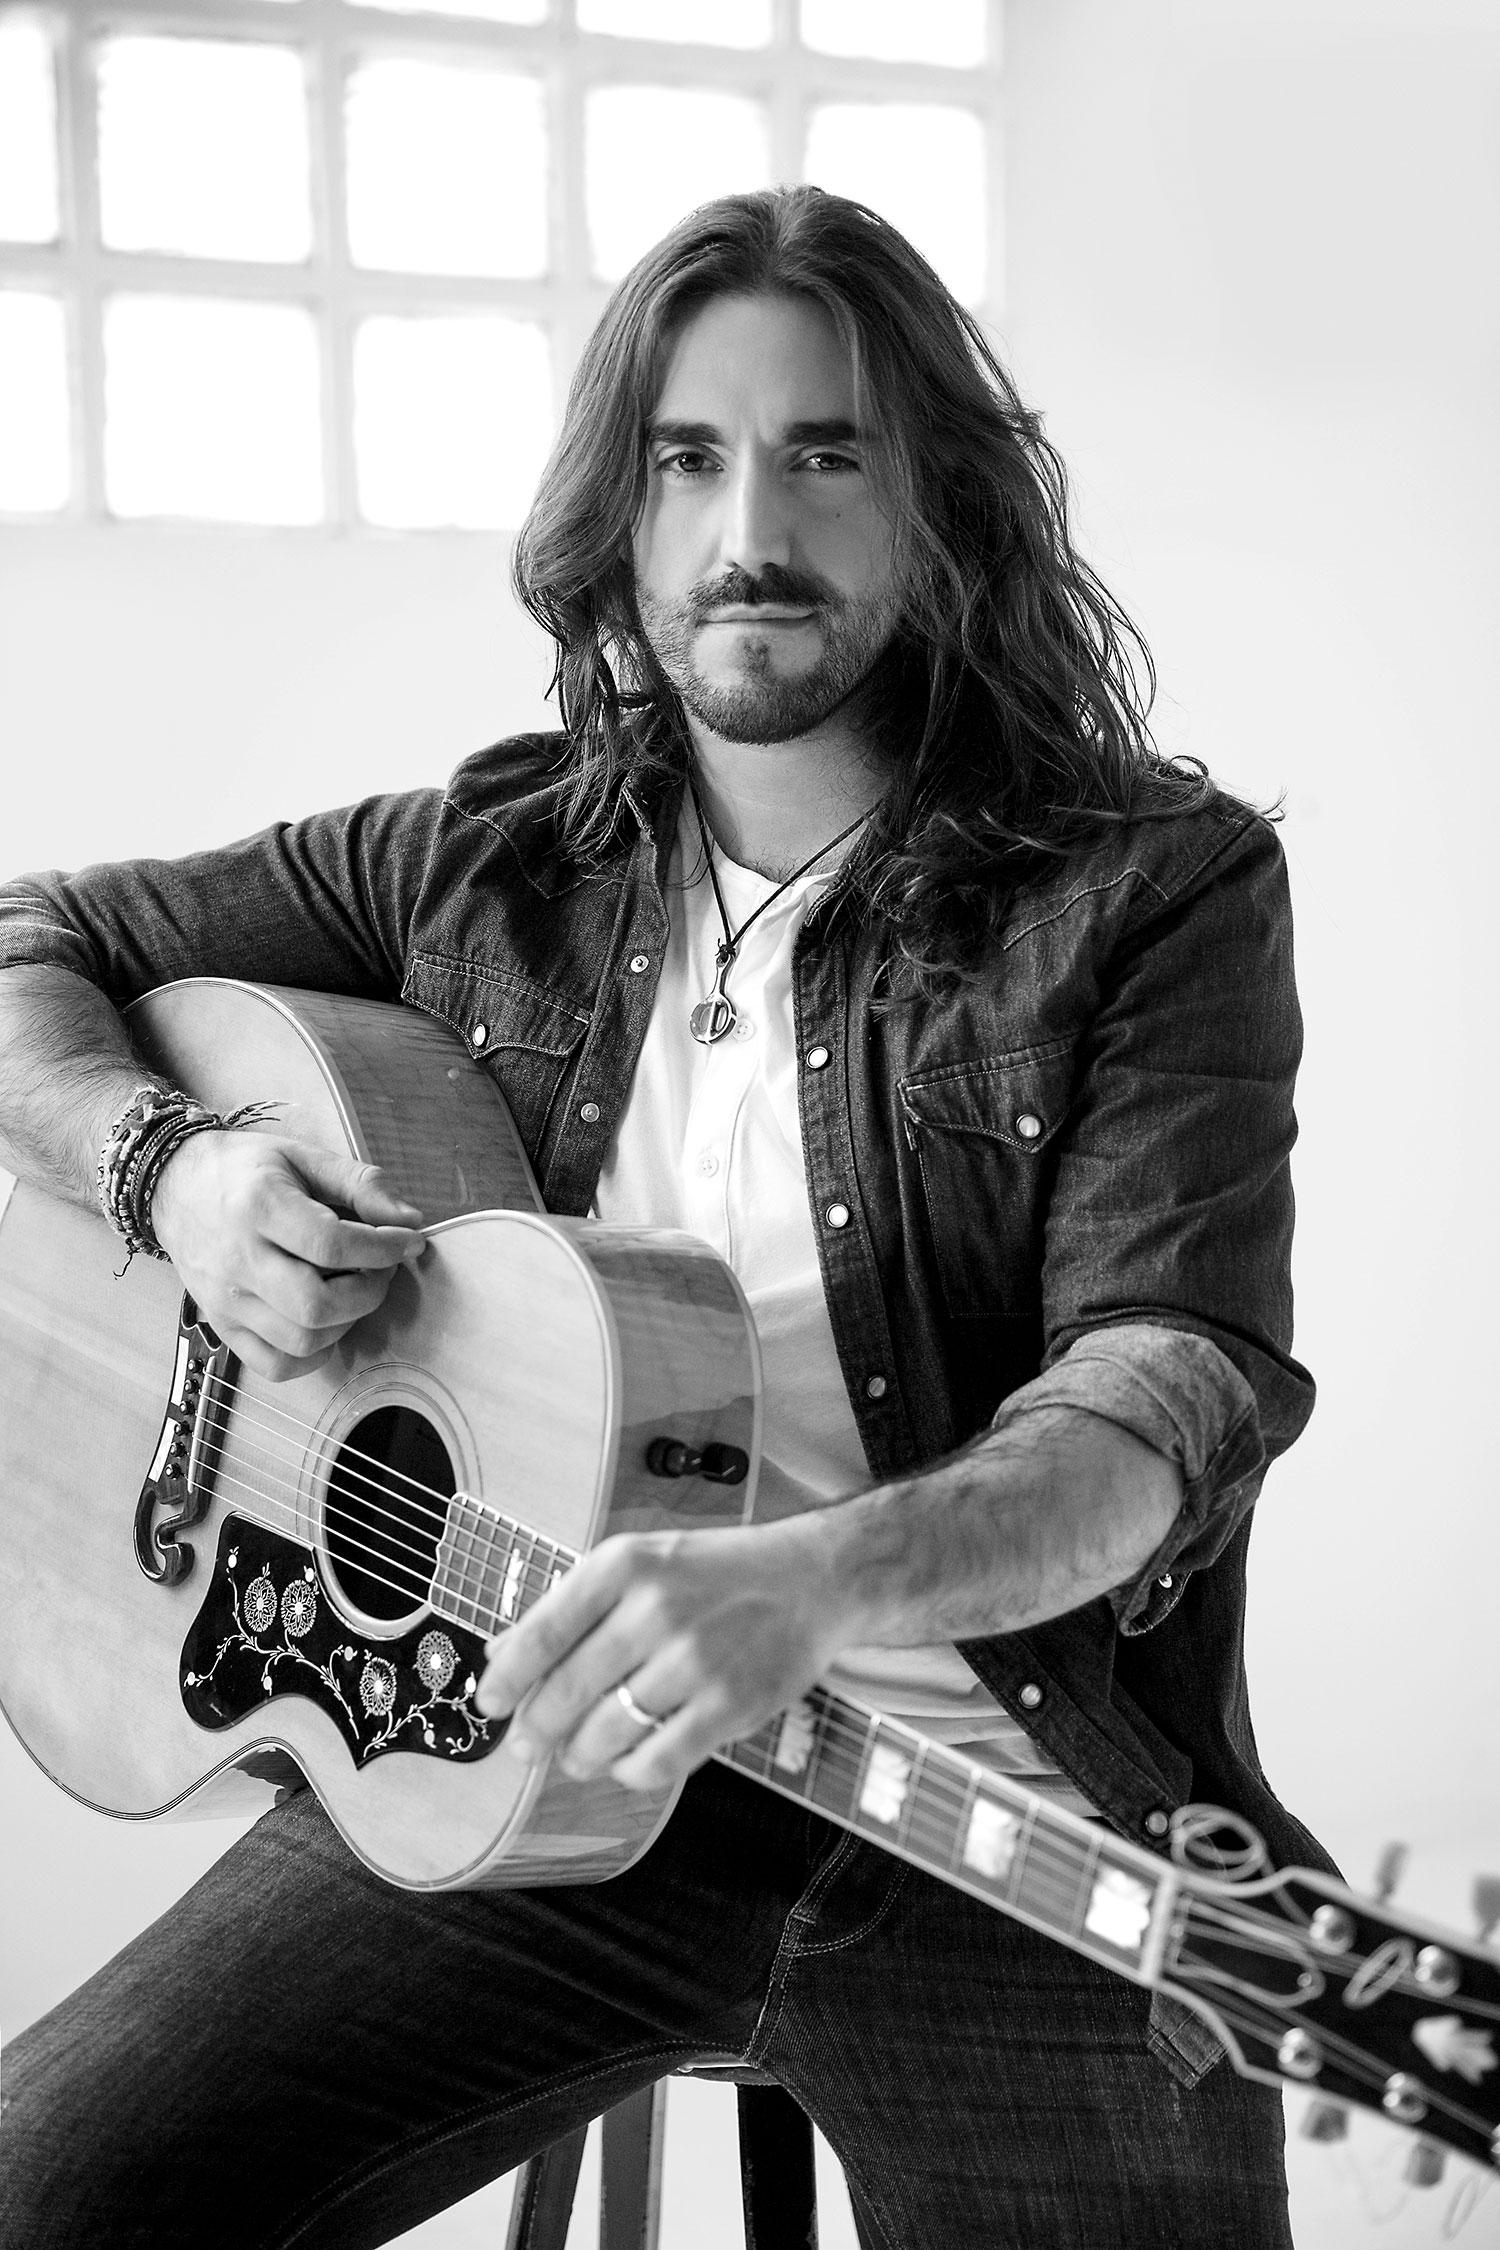 Imagen de Andrés Suárez músico del género Cantautor activo en Los 2010s